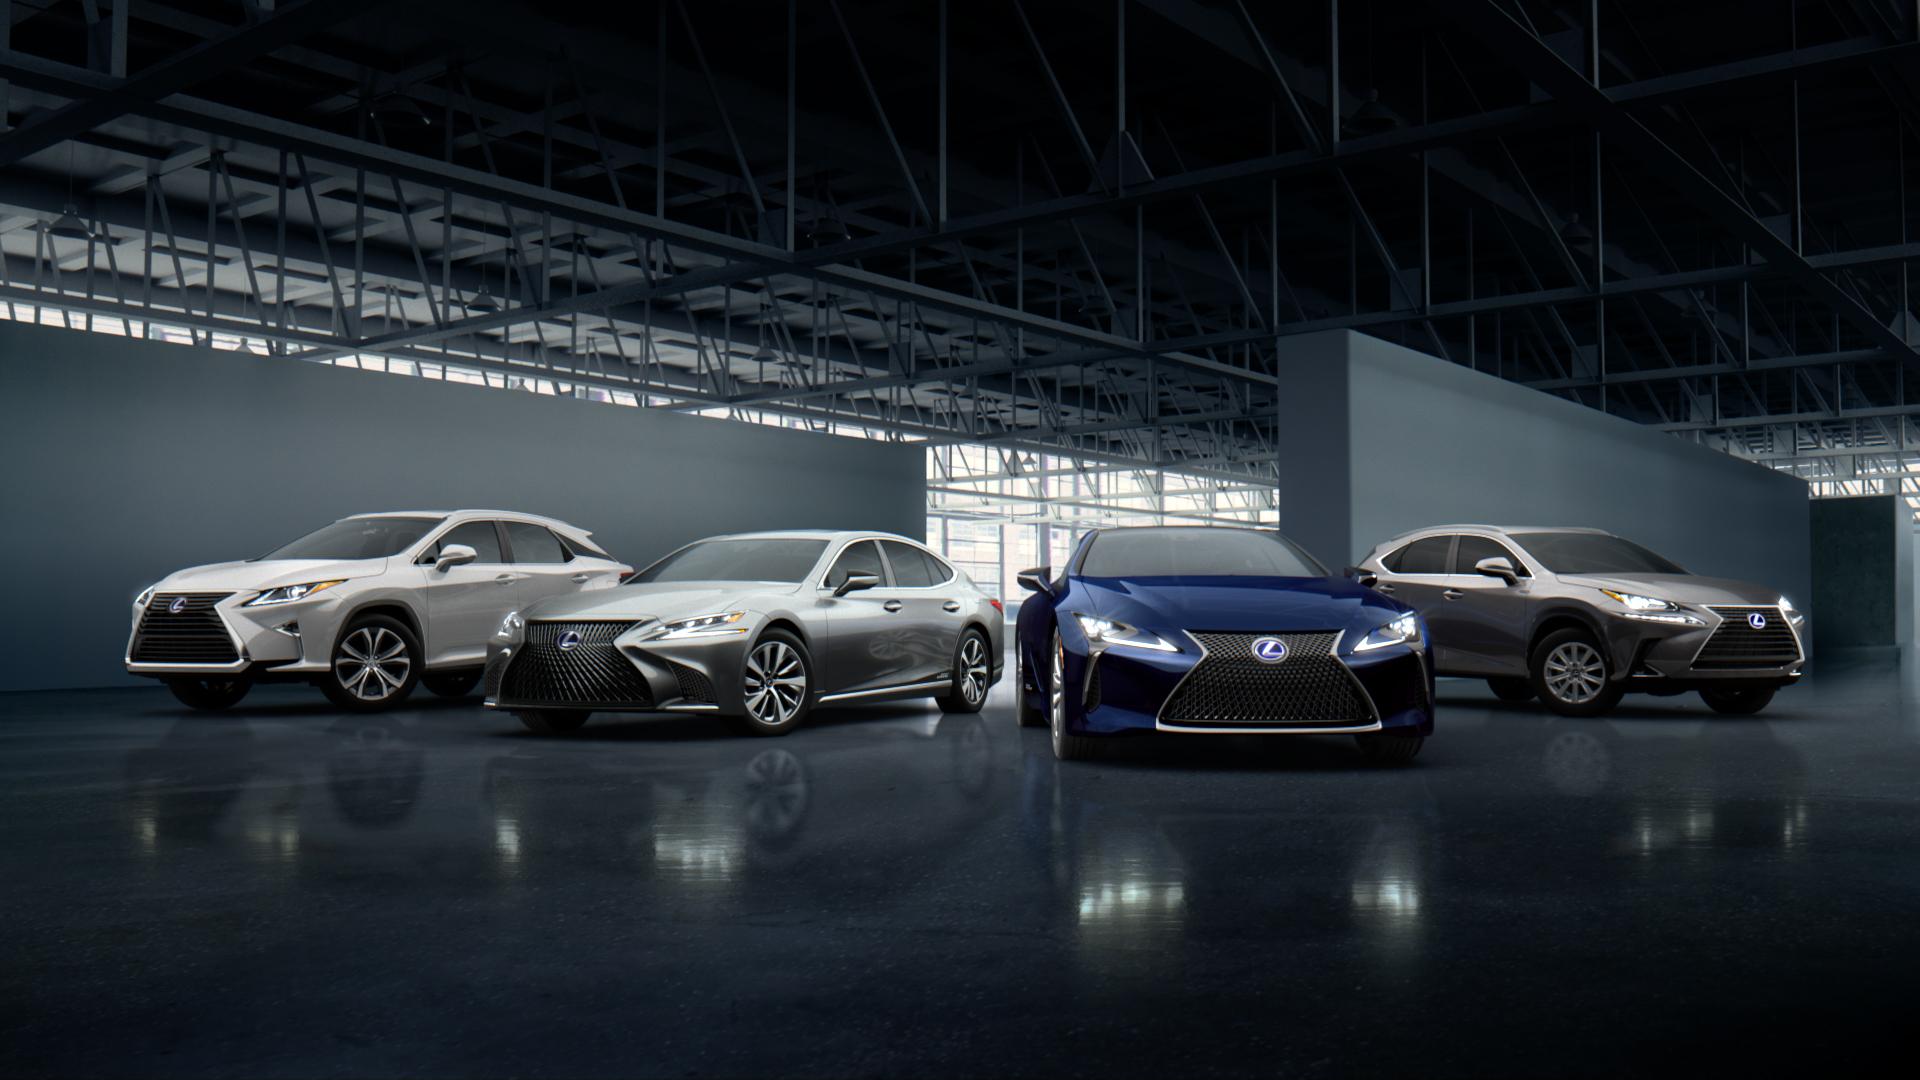 Lexus celebra 10 milhoes de veiculos vendidos em todo o mundo